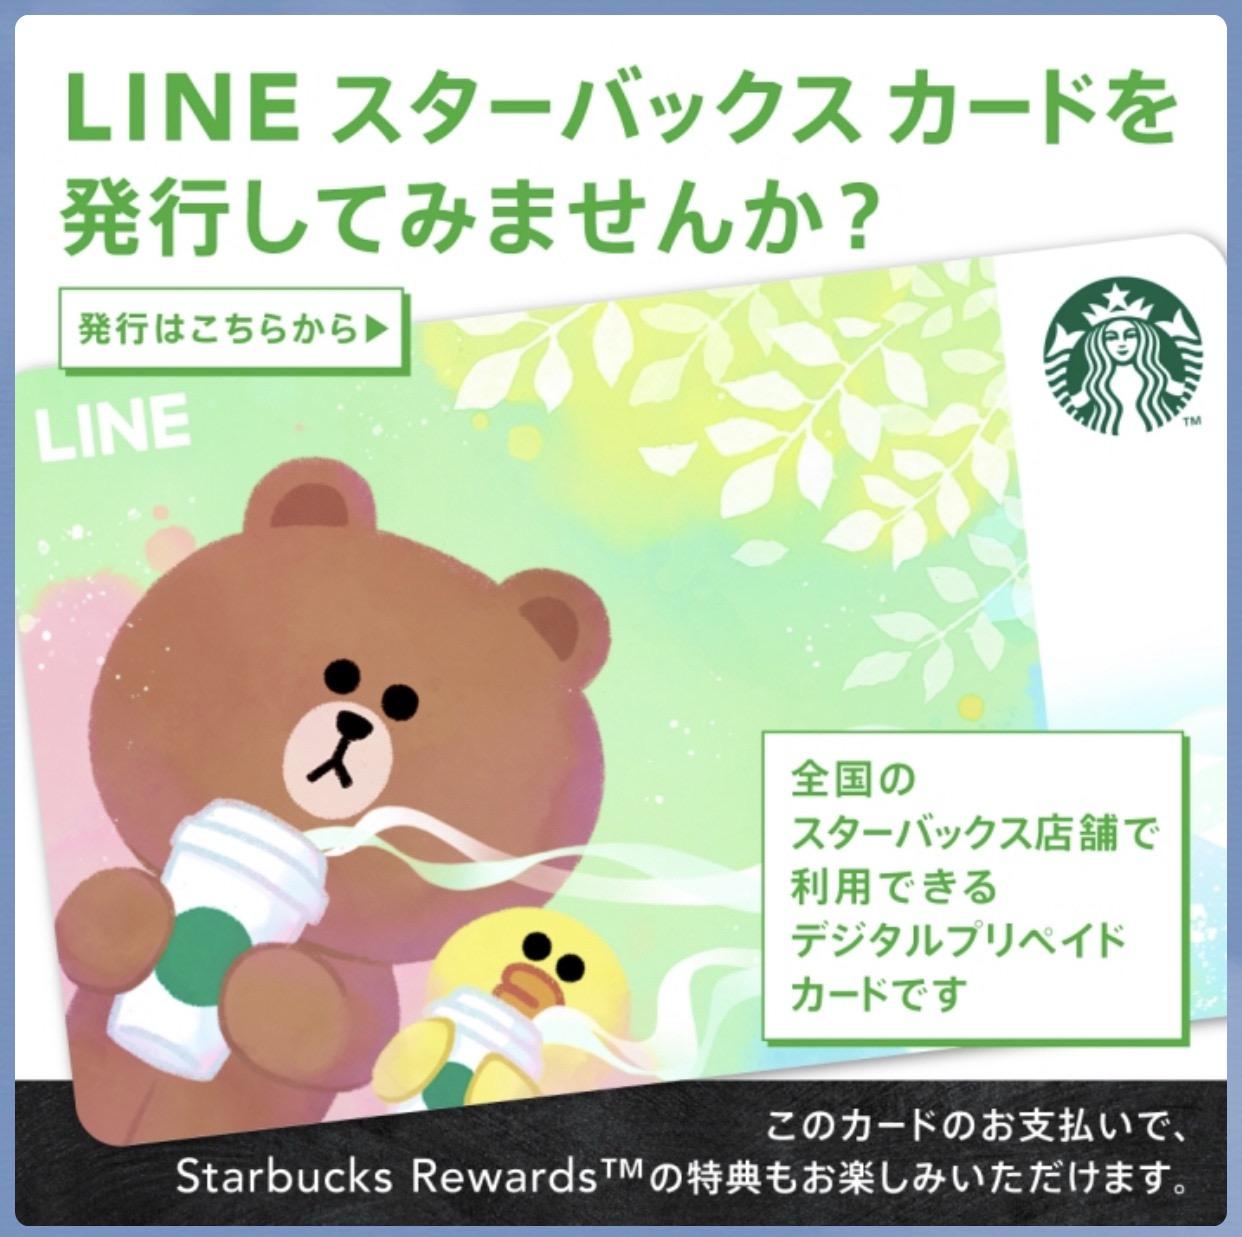 LINEで「スターバックスカード」発行する方法【LINE Payチャージも対応】